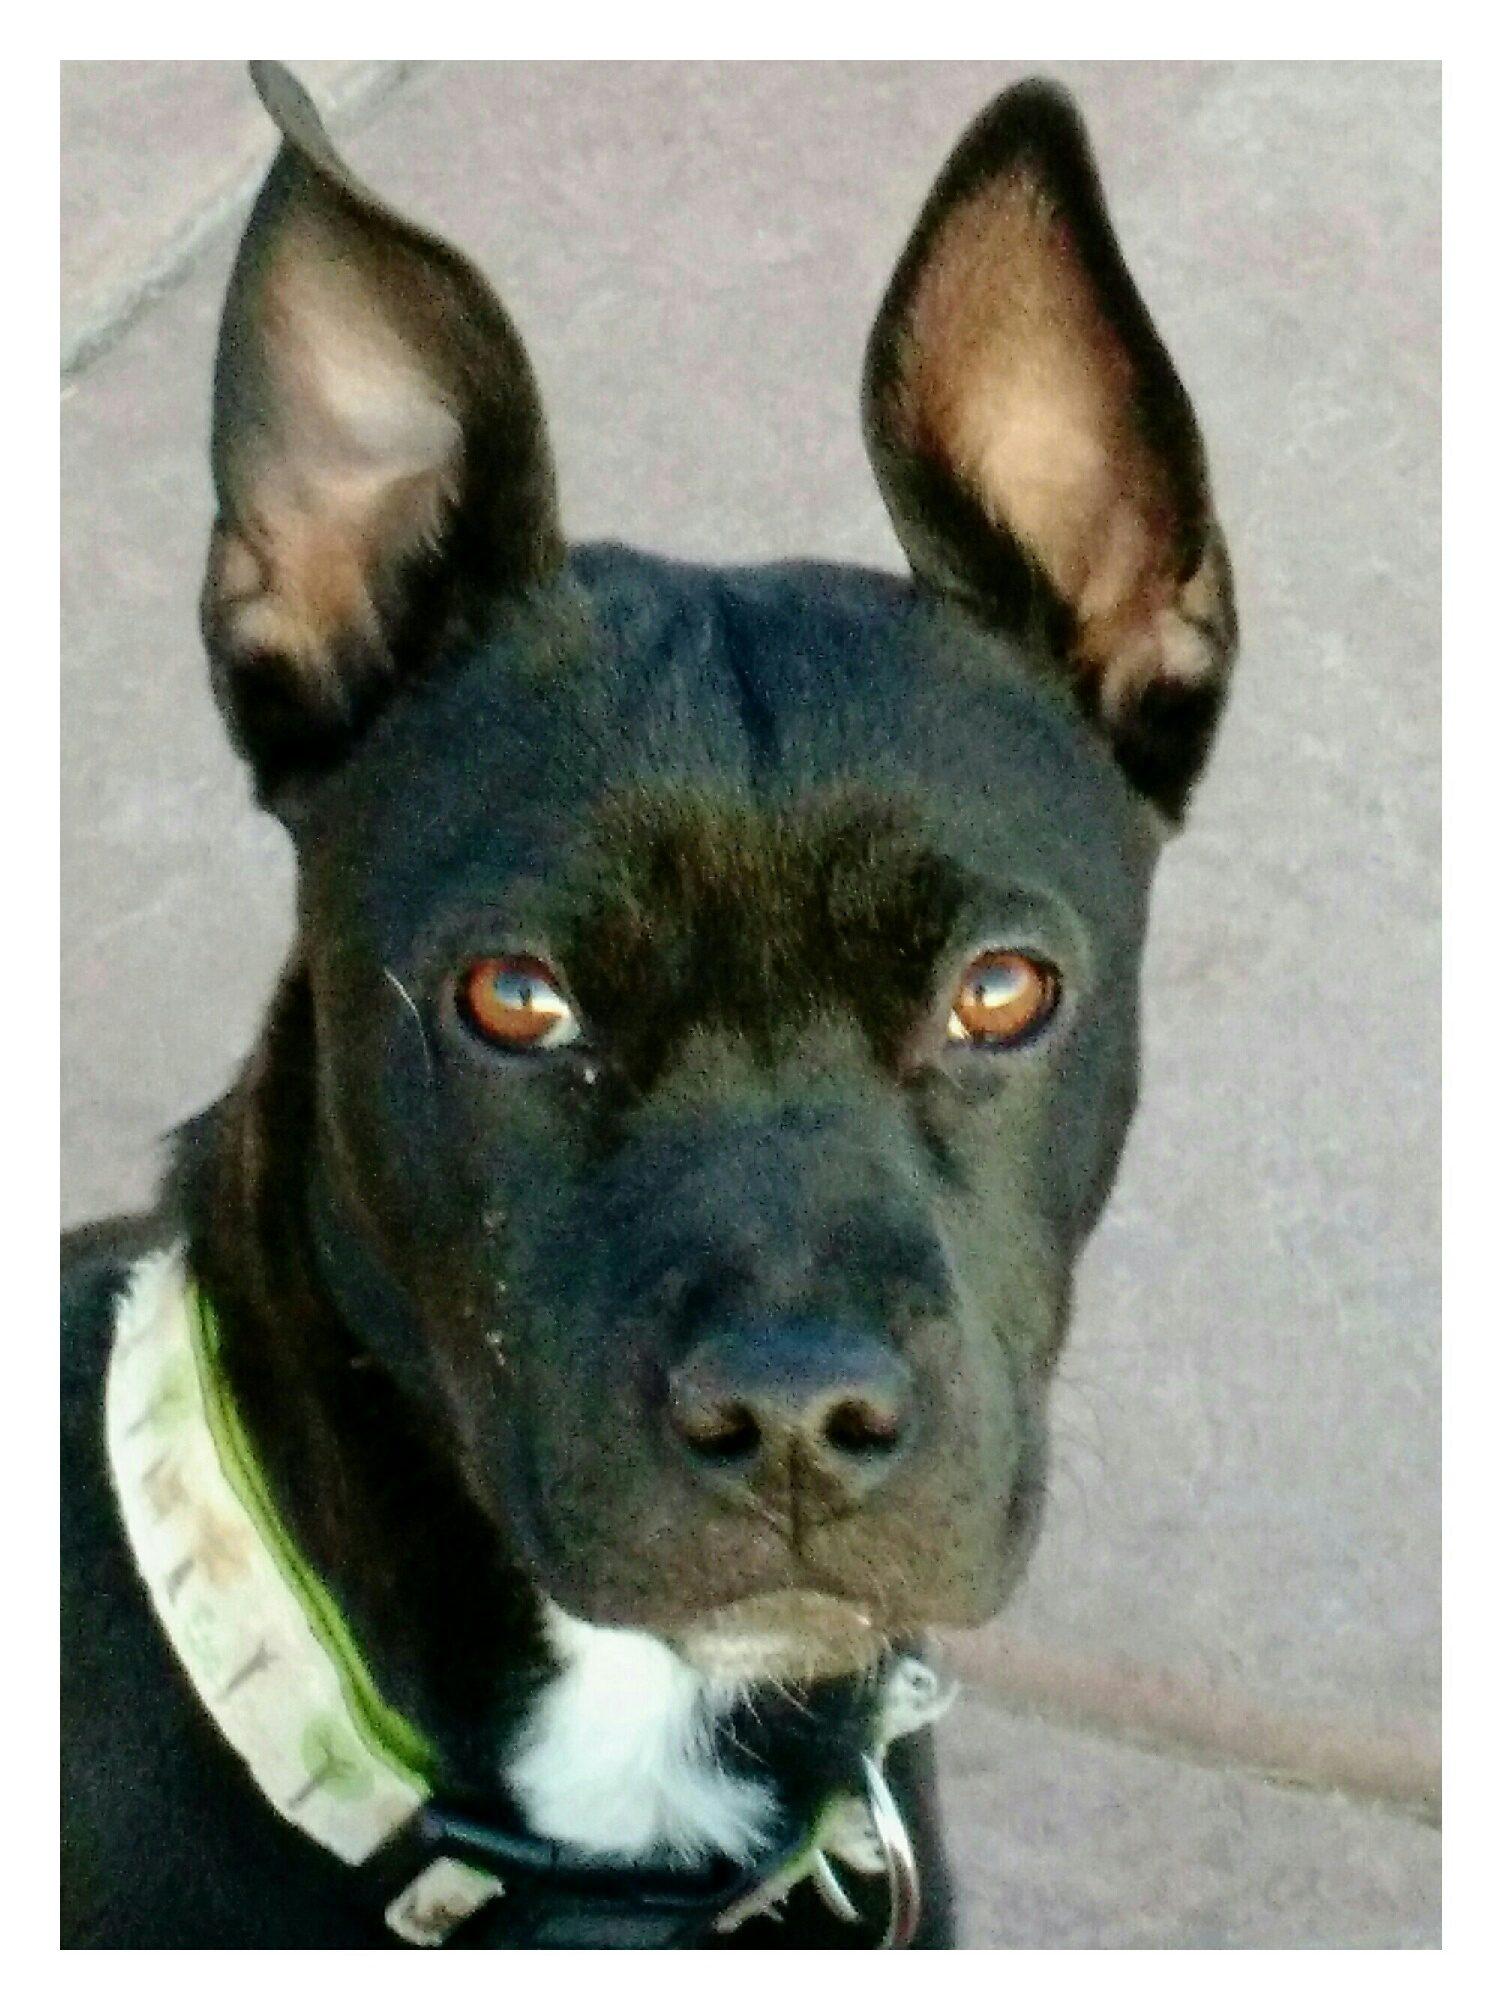 <UL> Piper <LI> Boston Terrier Shepherd mix <LI> Sex: F <LI> Age: 6 mnths old <LI> Fee: $325